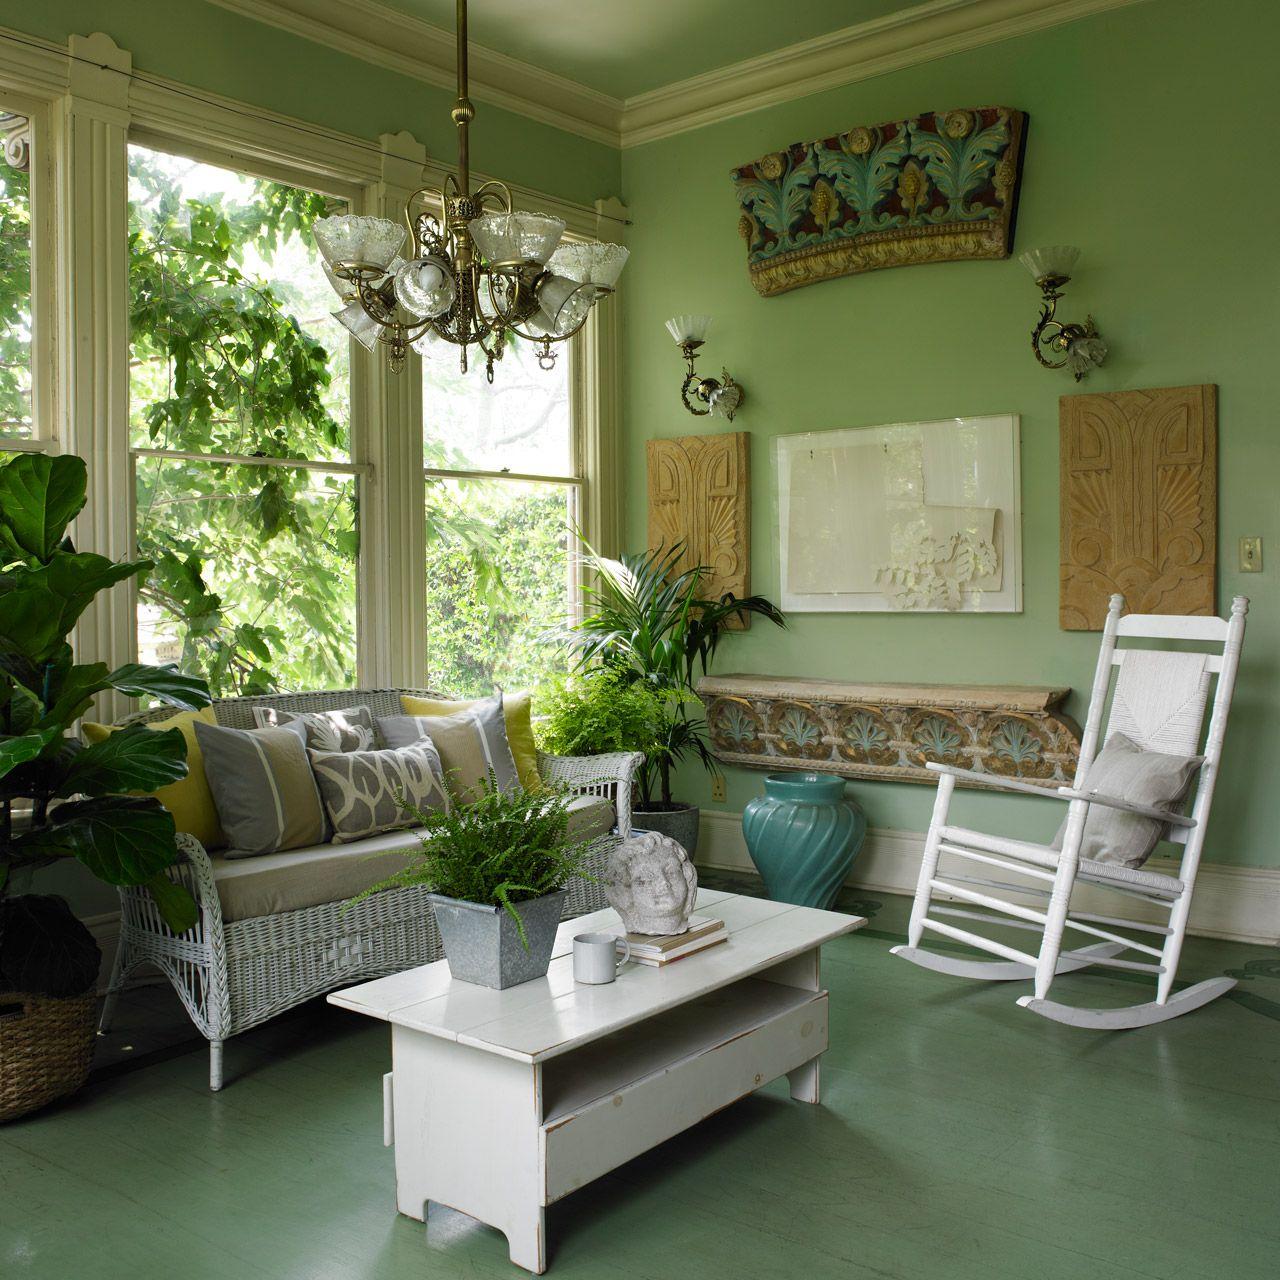 Dunn edwards paints paint colors walls soft moss de5610 for Sample bedroom colors